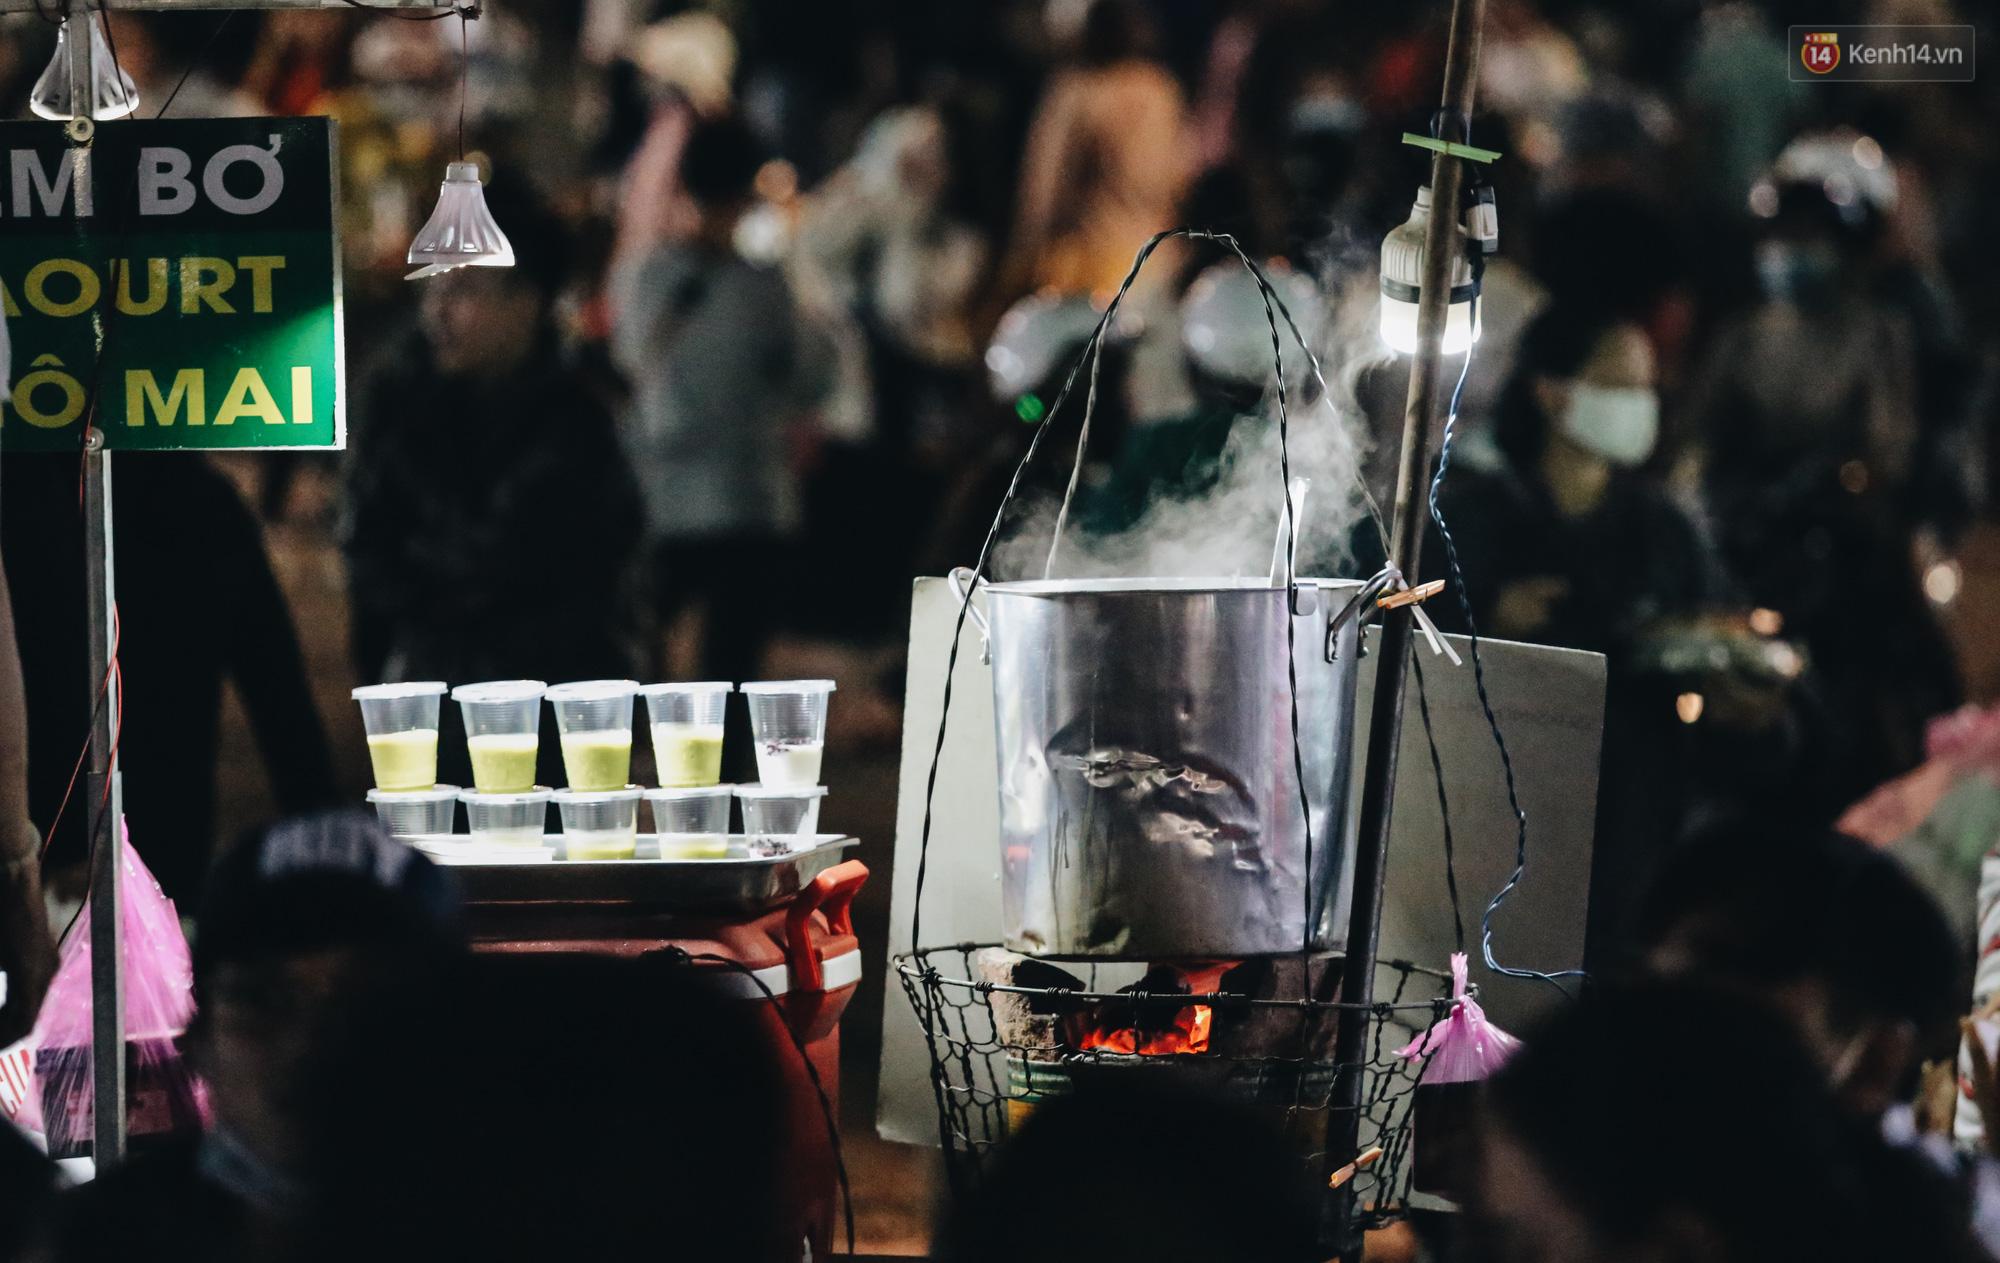 Chùm ảnh: Chợ đêm Đà Lạt không còn chỗ trống, khách du lịch ngồi la liệt từ trong ra ngoài để ăn uống dịp nghỉ lễ - Ảnh 6.